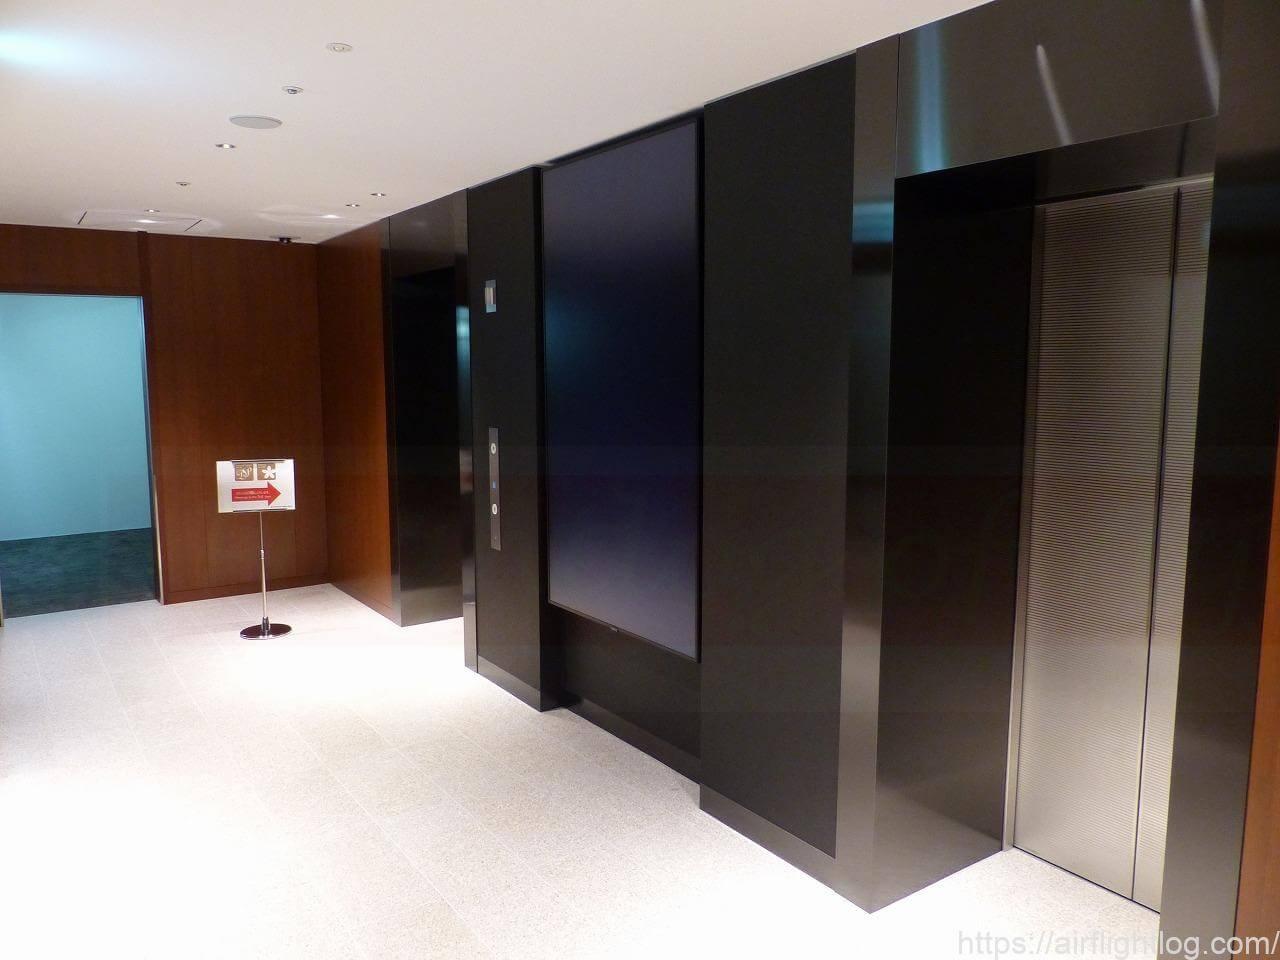 伊丹空港ダイヤモンド・プレミア専用エレベーター